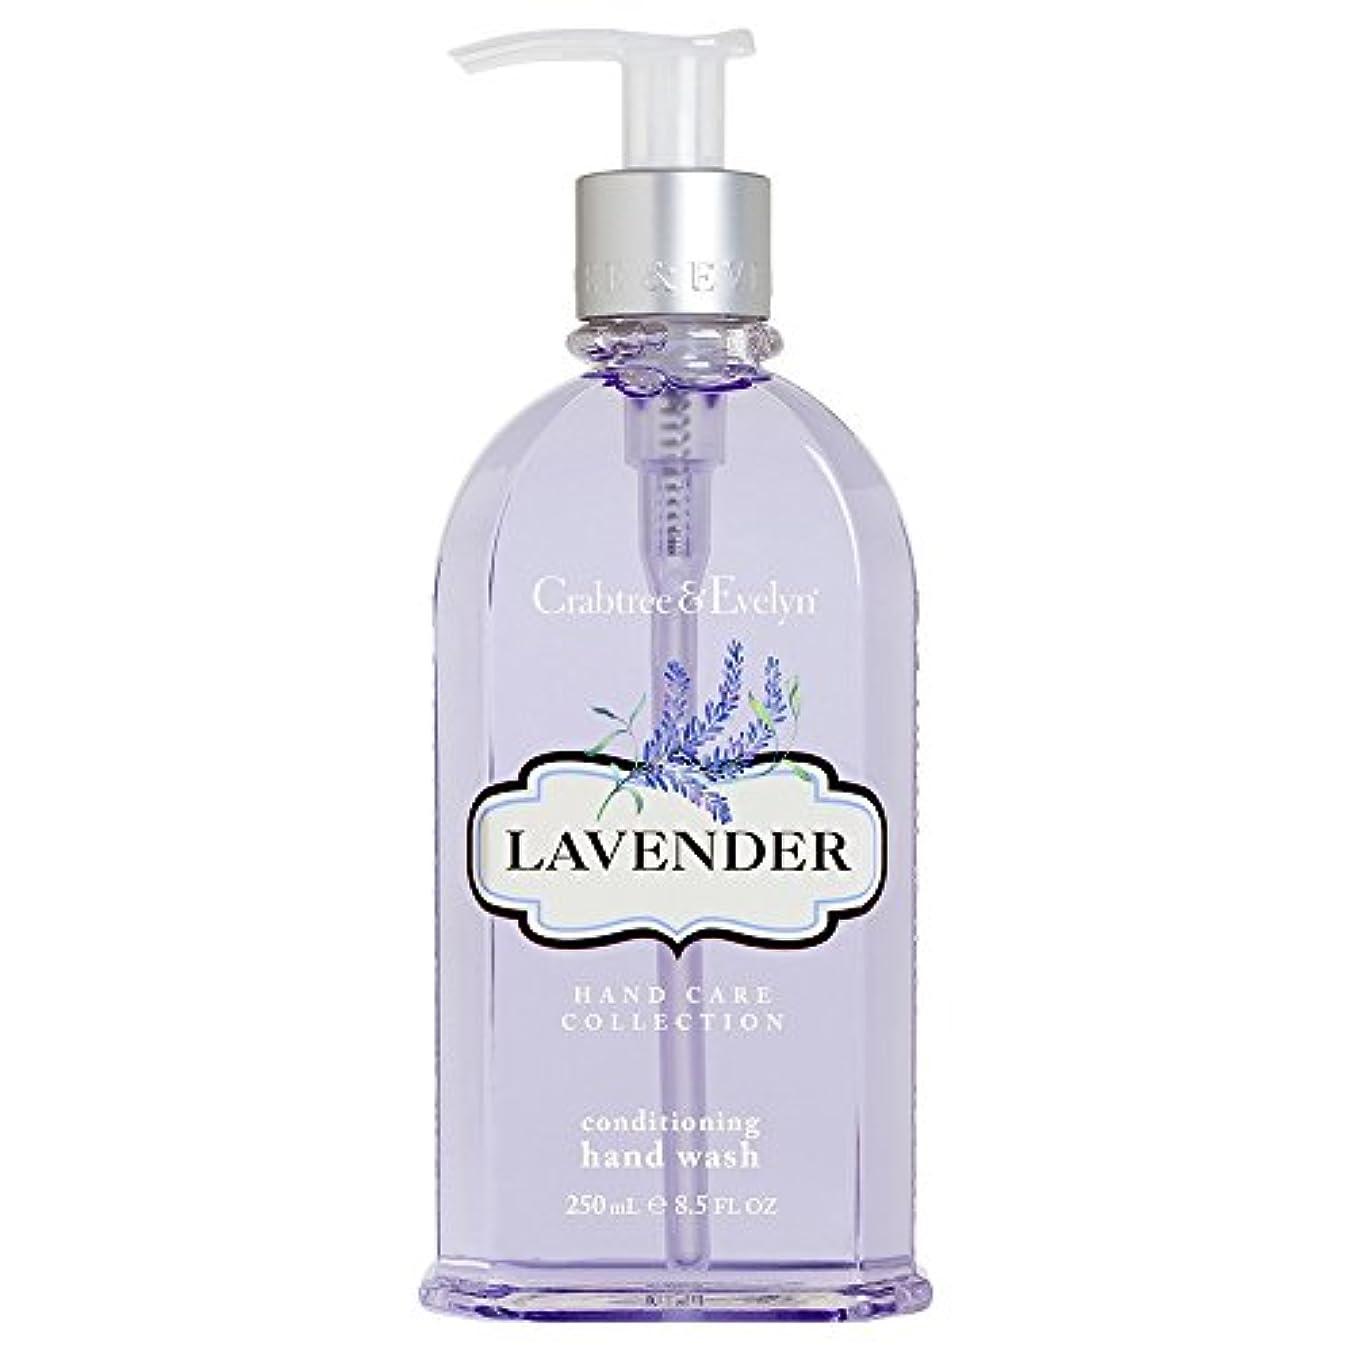 事業内容廃止するリフトクラブツリー&イヴリンラベンダーコンディショナーハンドウォッシュ250ミリリットル (Crabtree & Evelyn) (x2) - Crabtree & Evelyn Lavender Conditioning Hand Wash 250ml (Pack of 2) [並行輸入品]